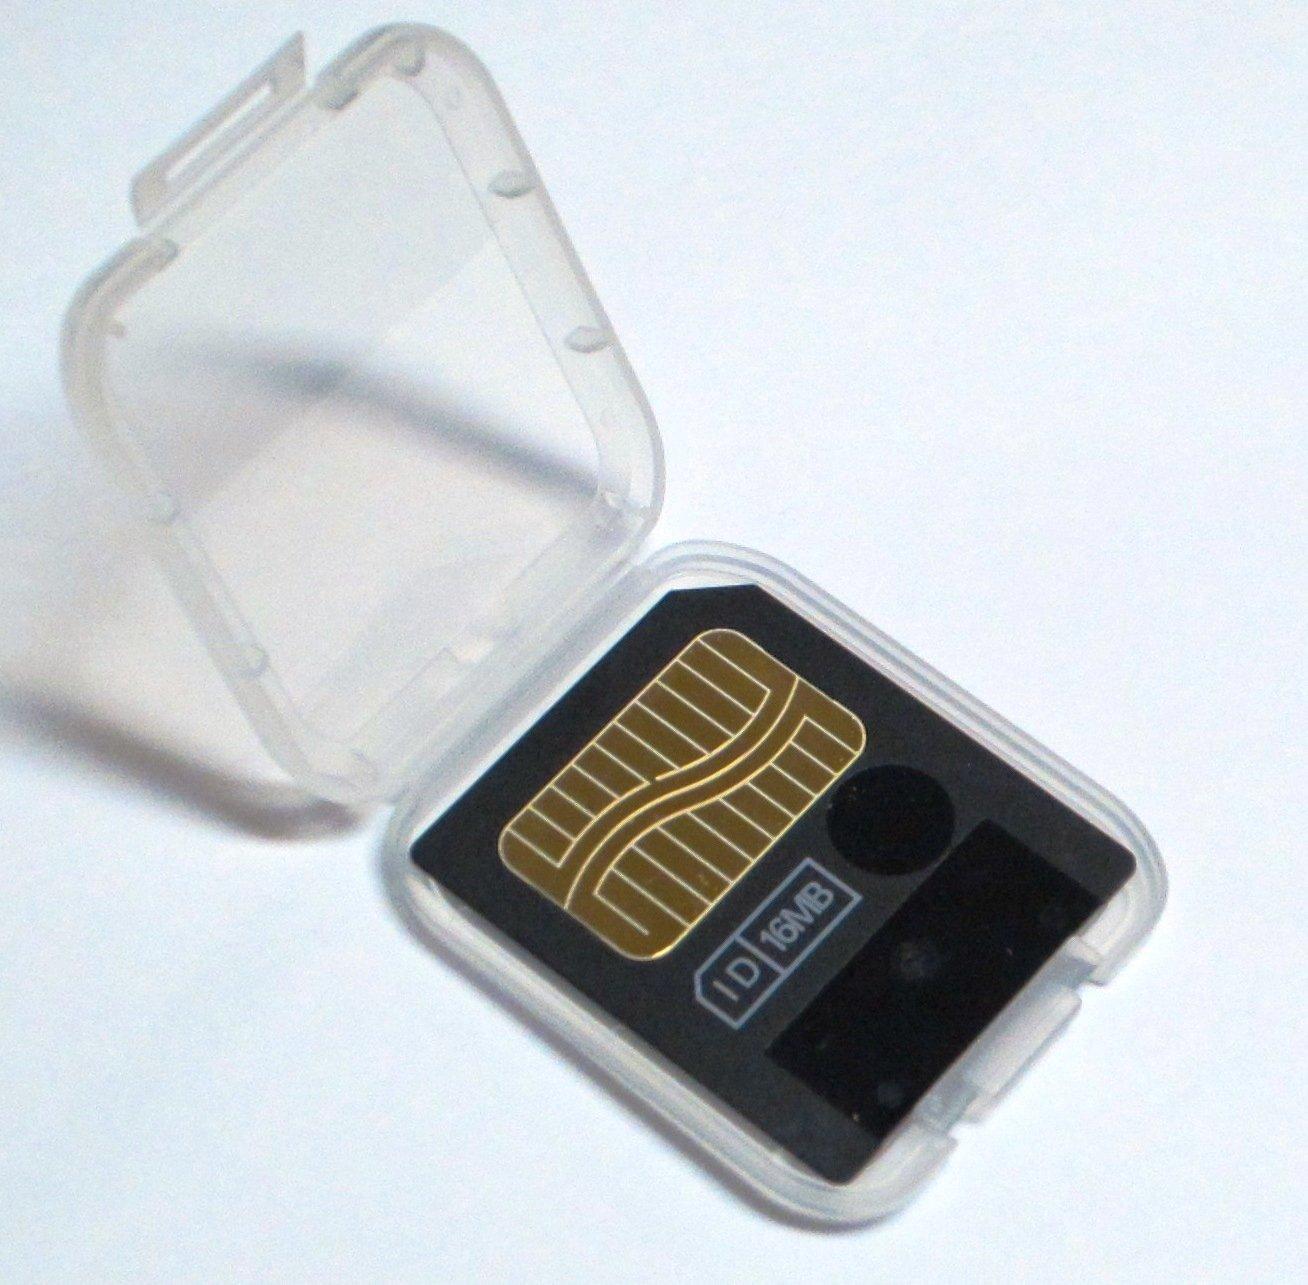 SmartMedia - Tarjeta de Memoria Flash Digital de 16 MB ...